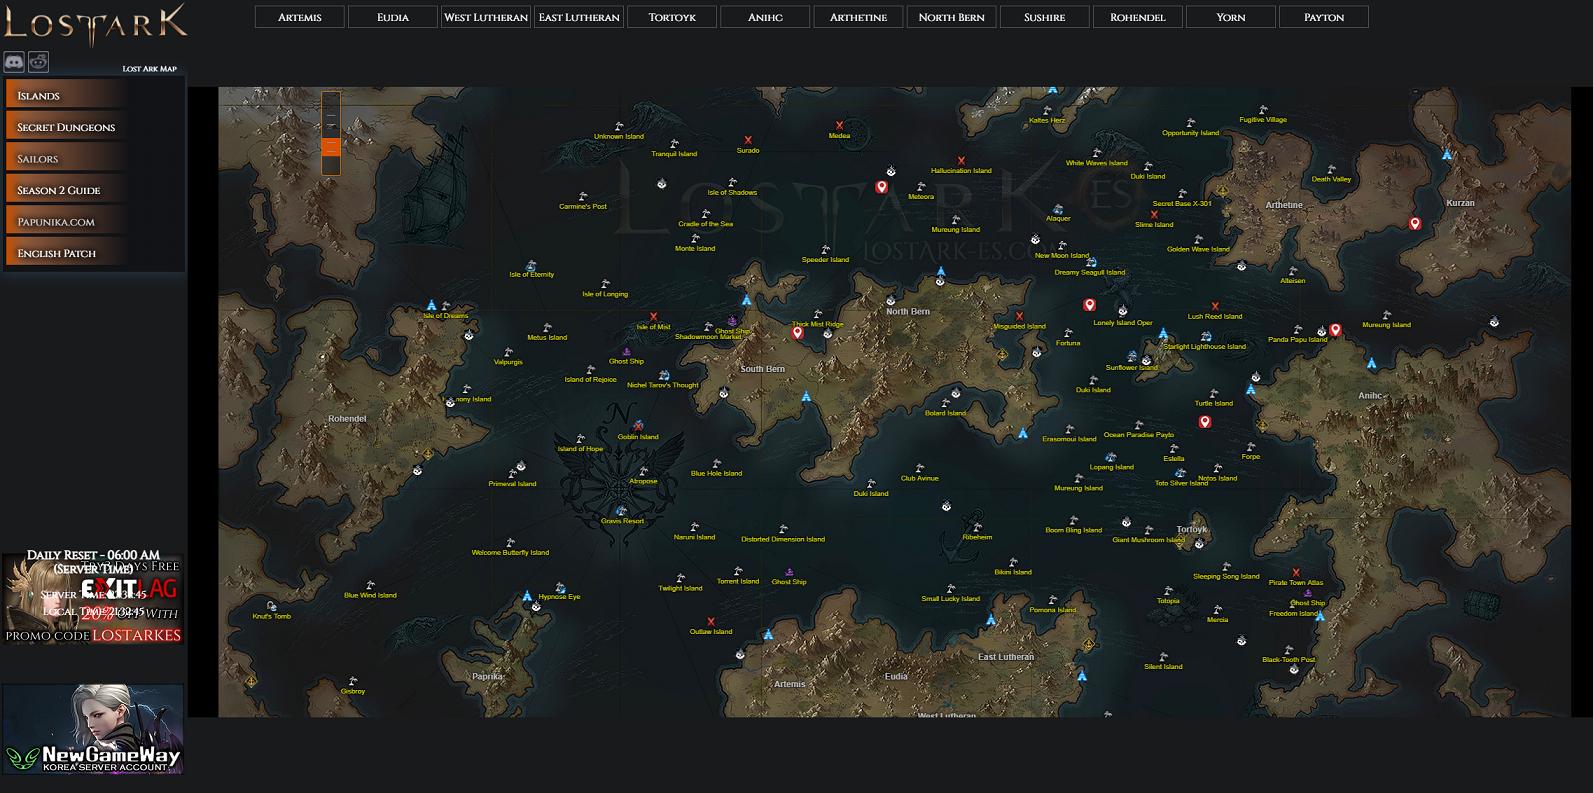 Lost Ark Closed Technical Alpha - Guía para principiantes - Mecánica del juego - Guía de herramientas